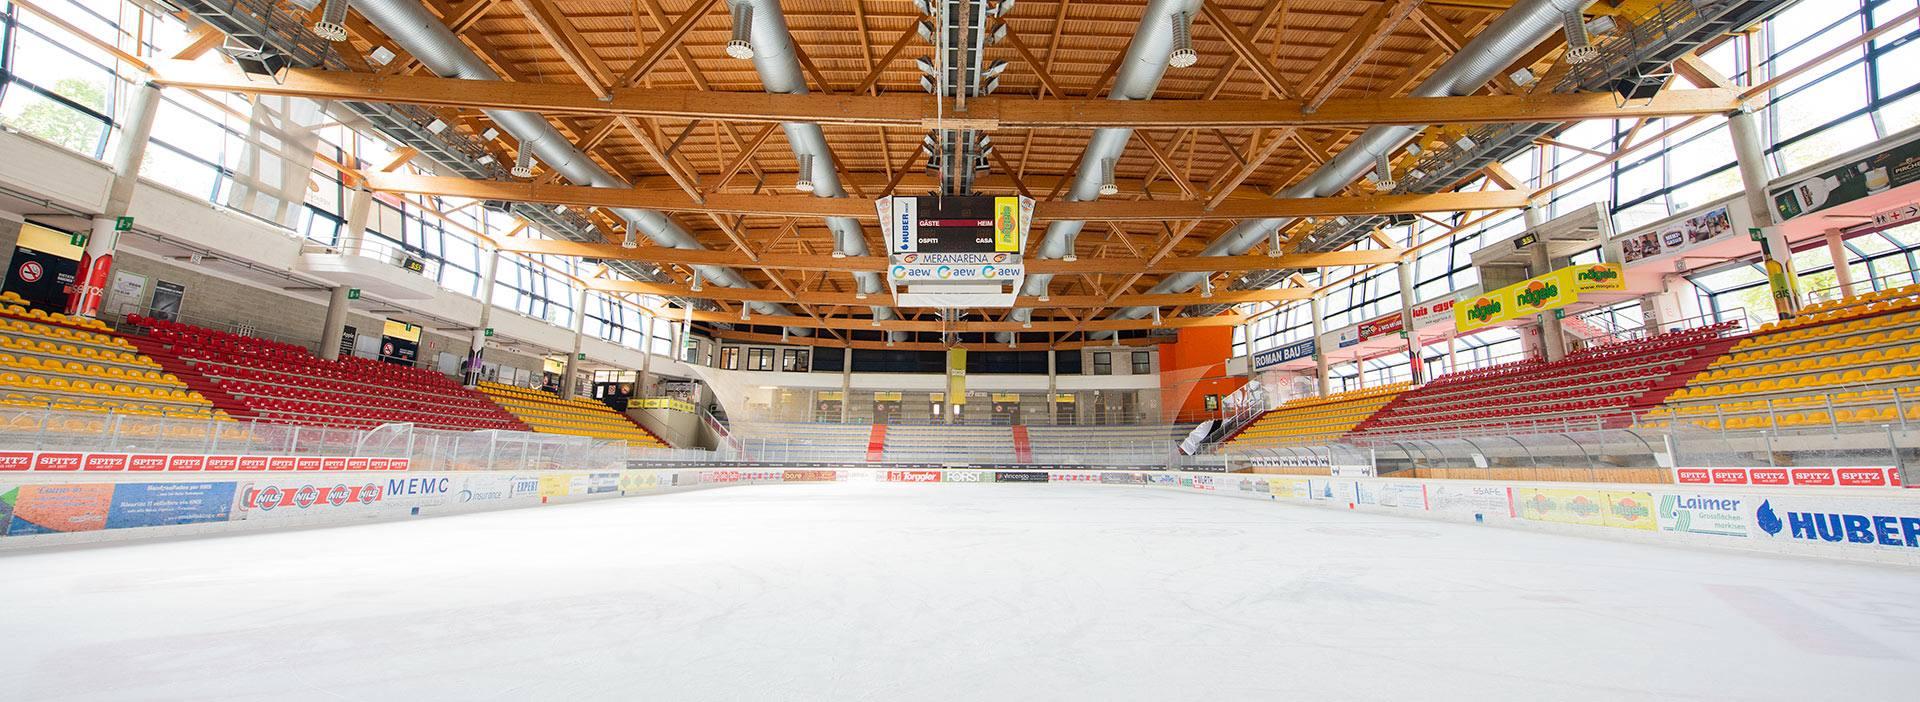 Eissporthalle Meranarena